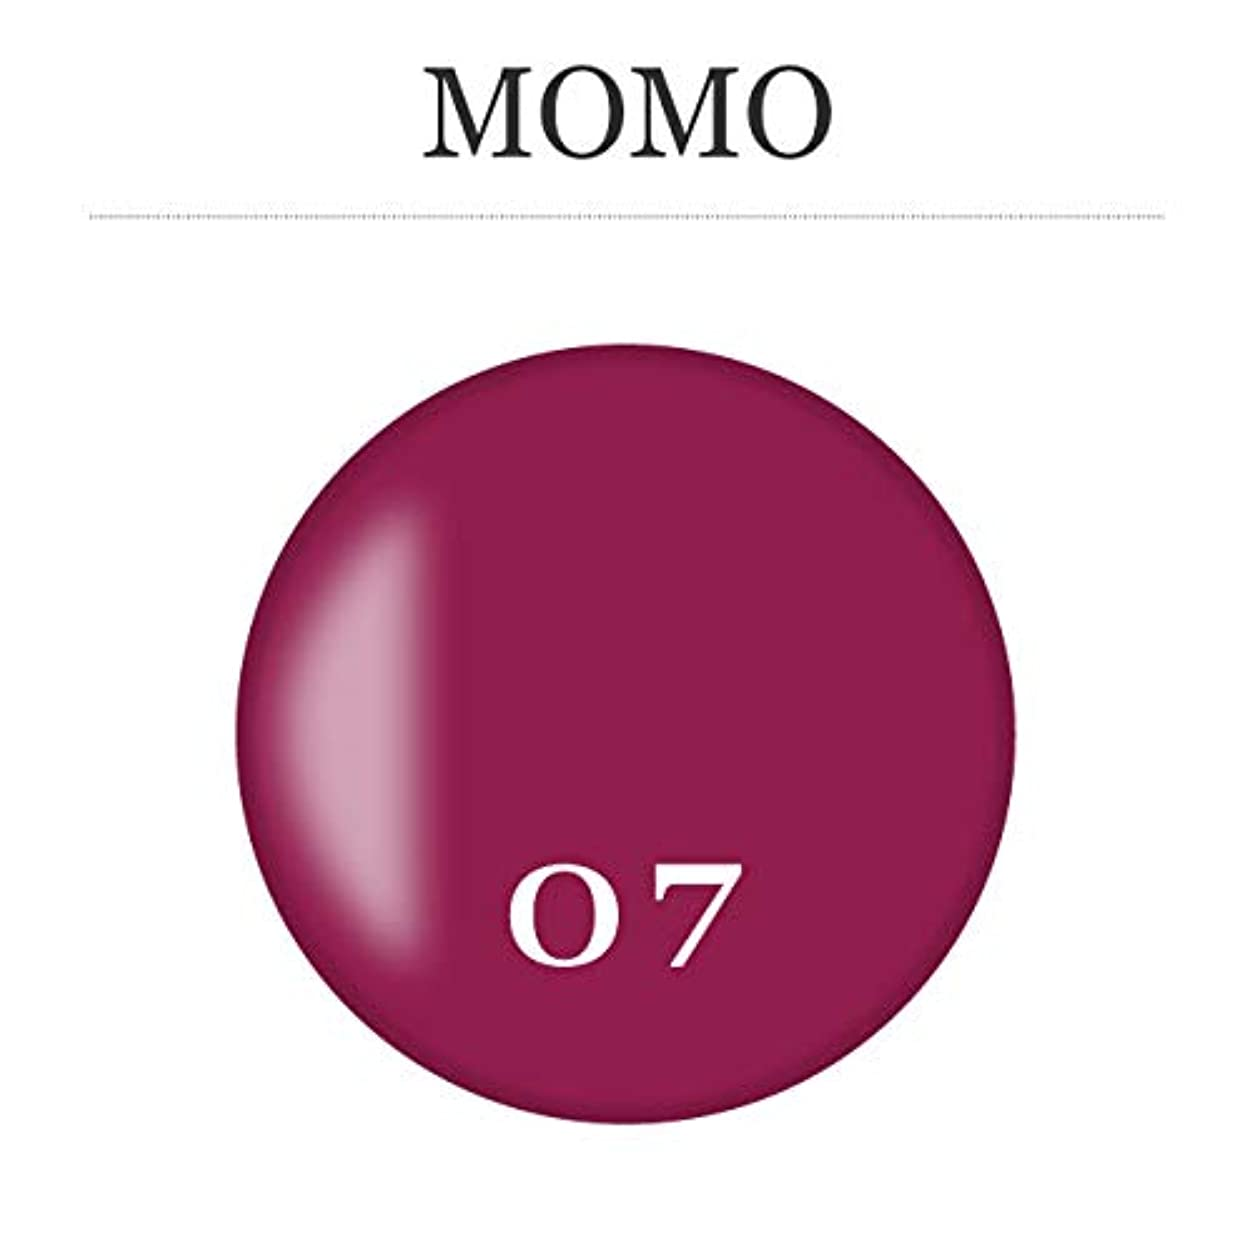 クロール顧問憂慮すべきカラージェル MOMO-07 by nail for all